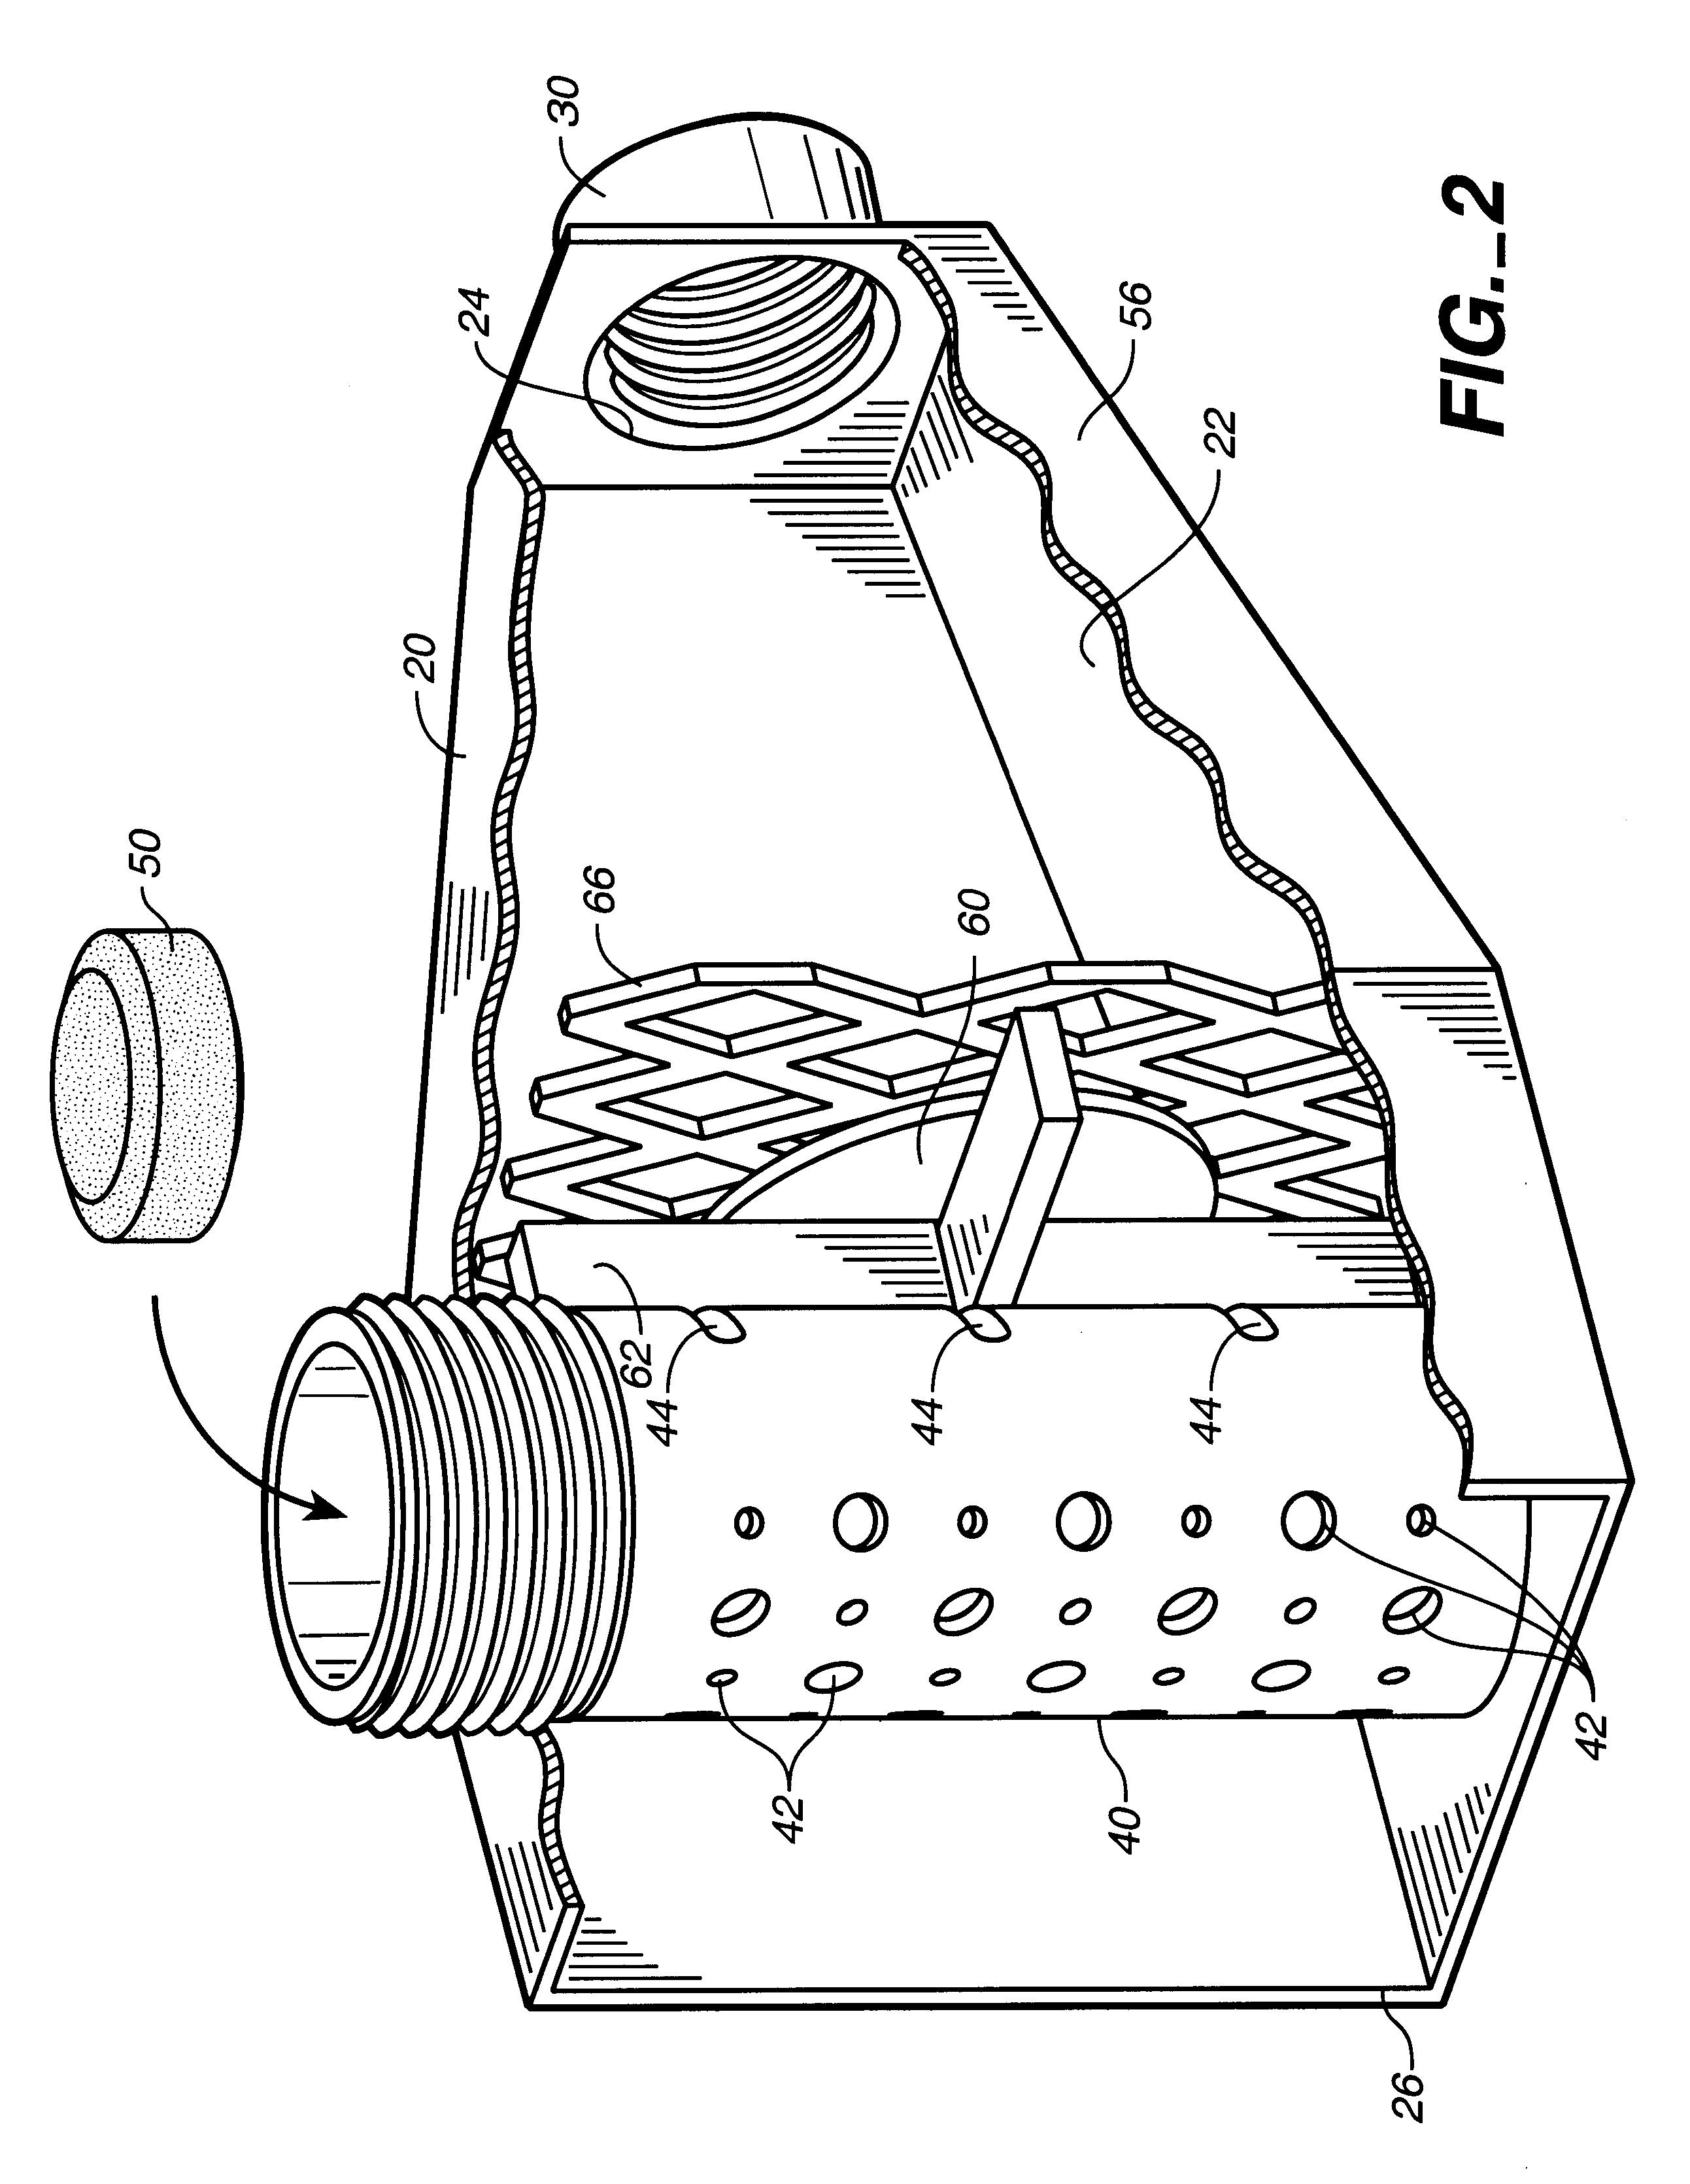 tsurumi pump wiring diagram pump house diagram wiring